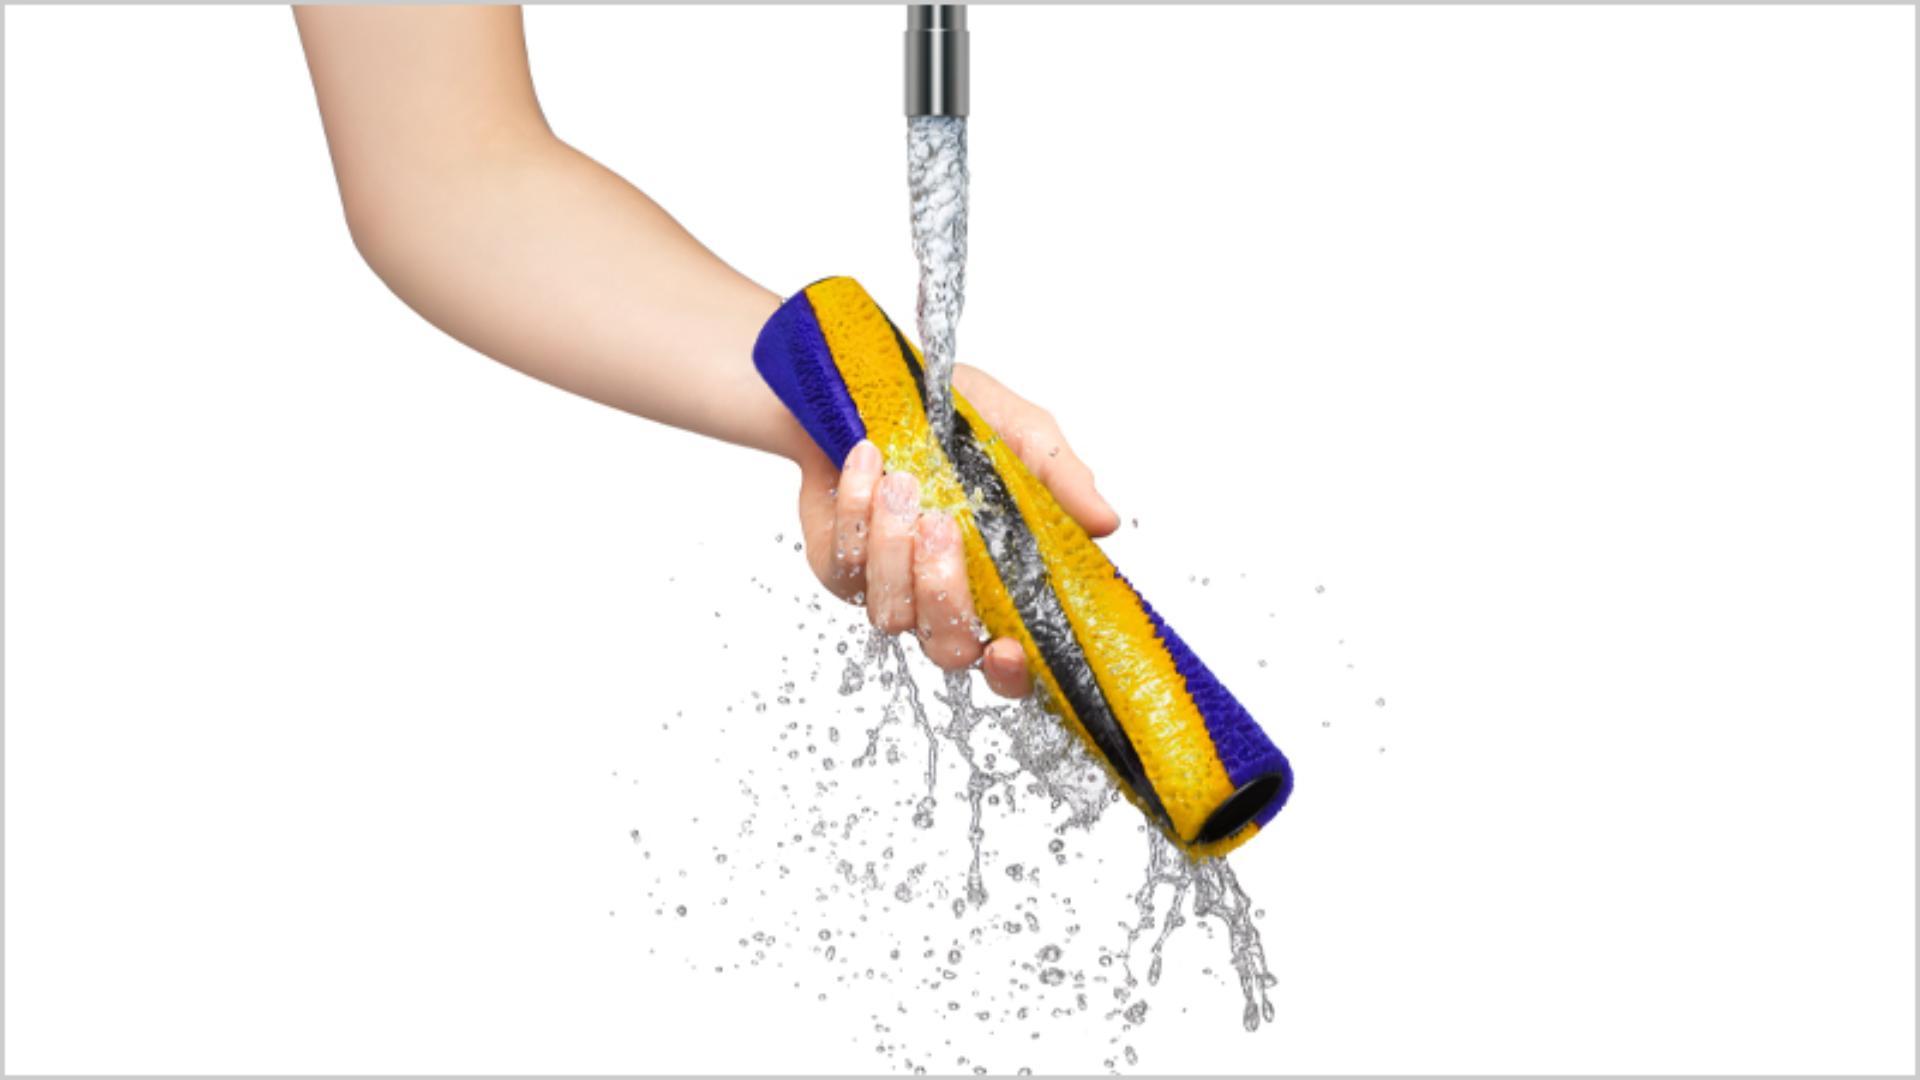 분리 가능한 다이슨 부품 물로 세척하는 모습